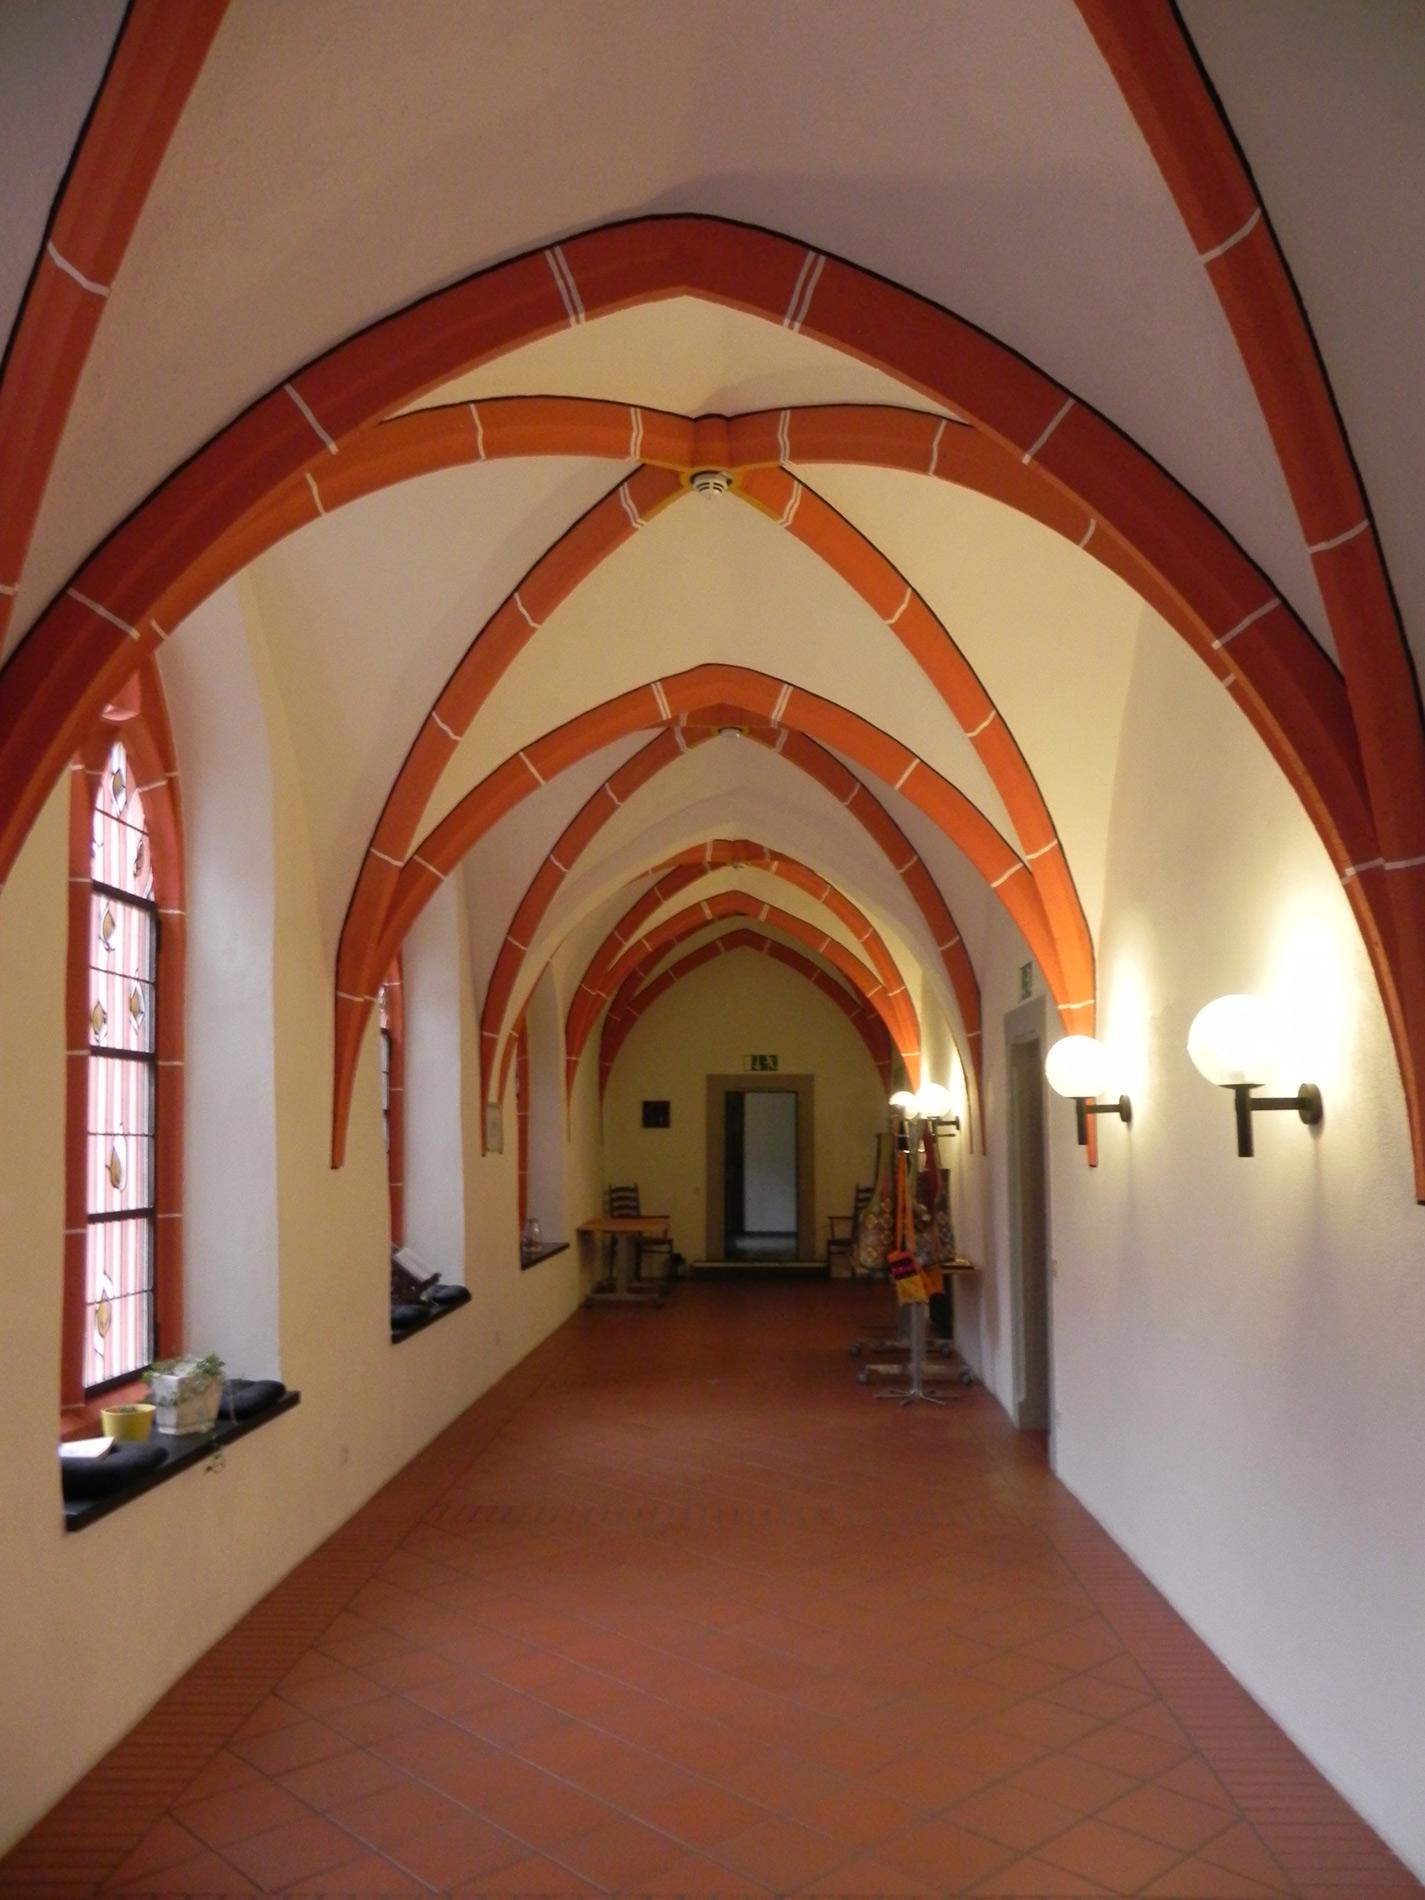 Wandelgang im Kloster Ehrenstein